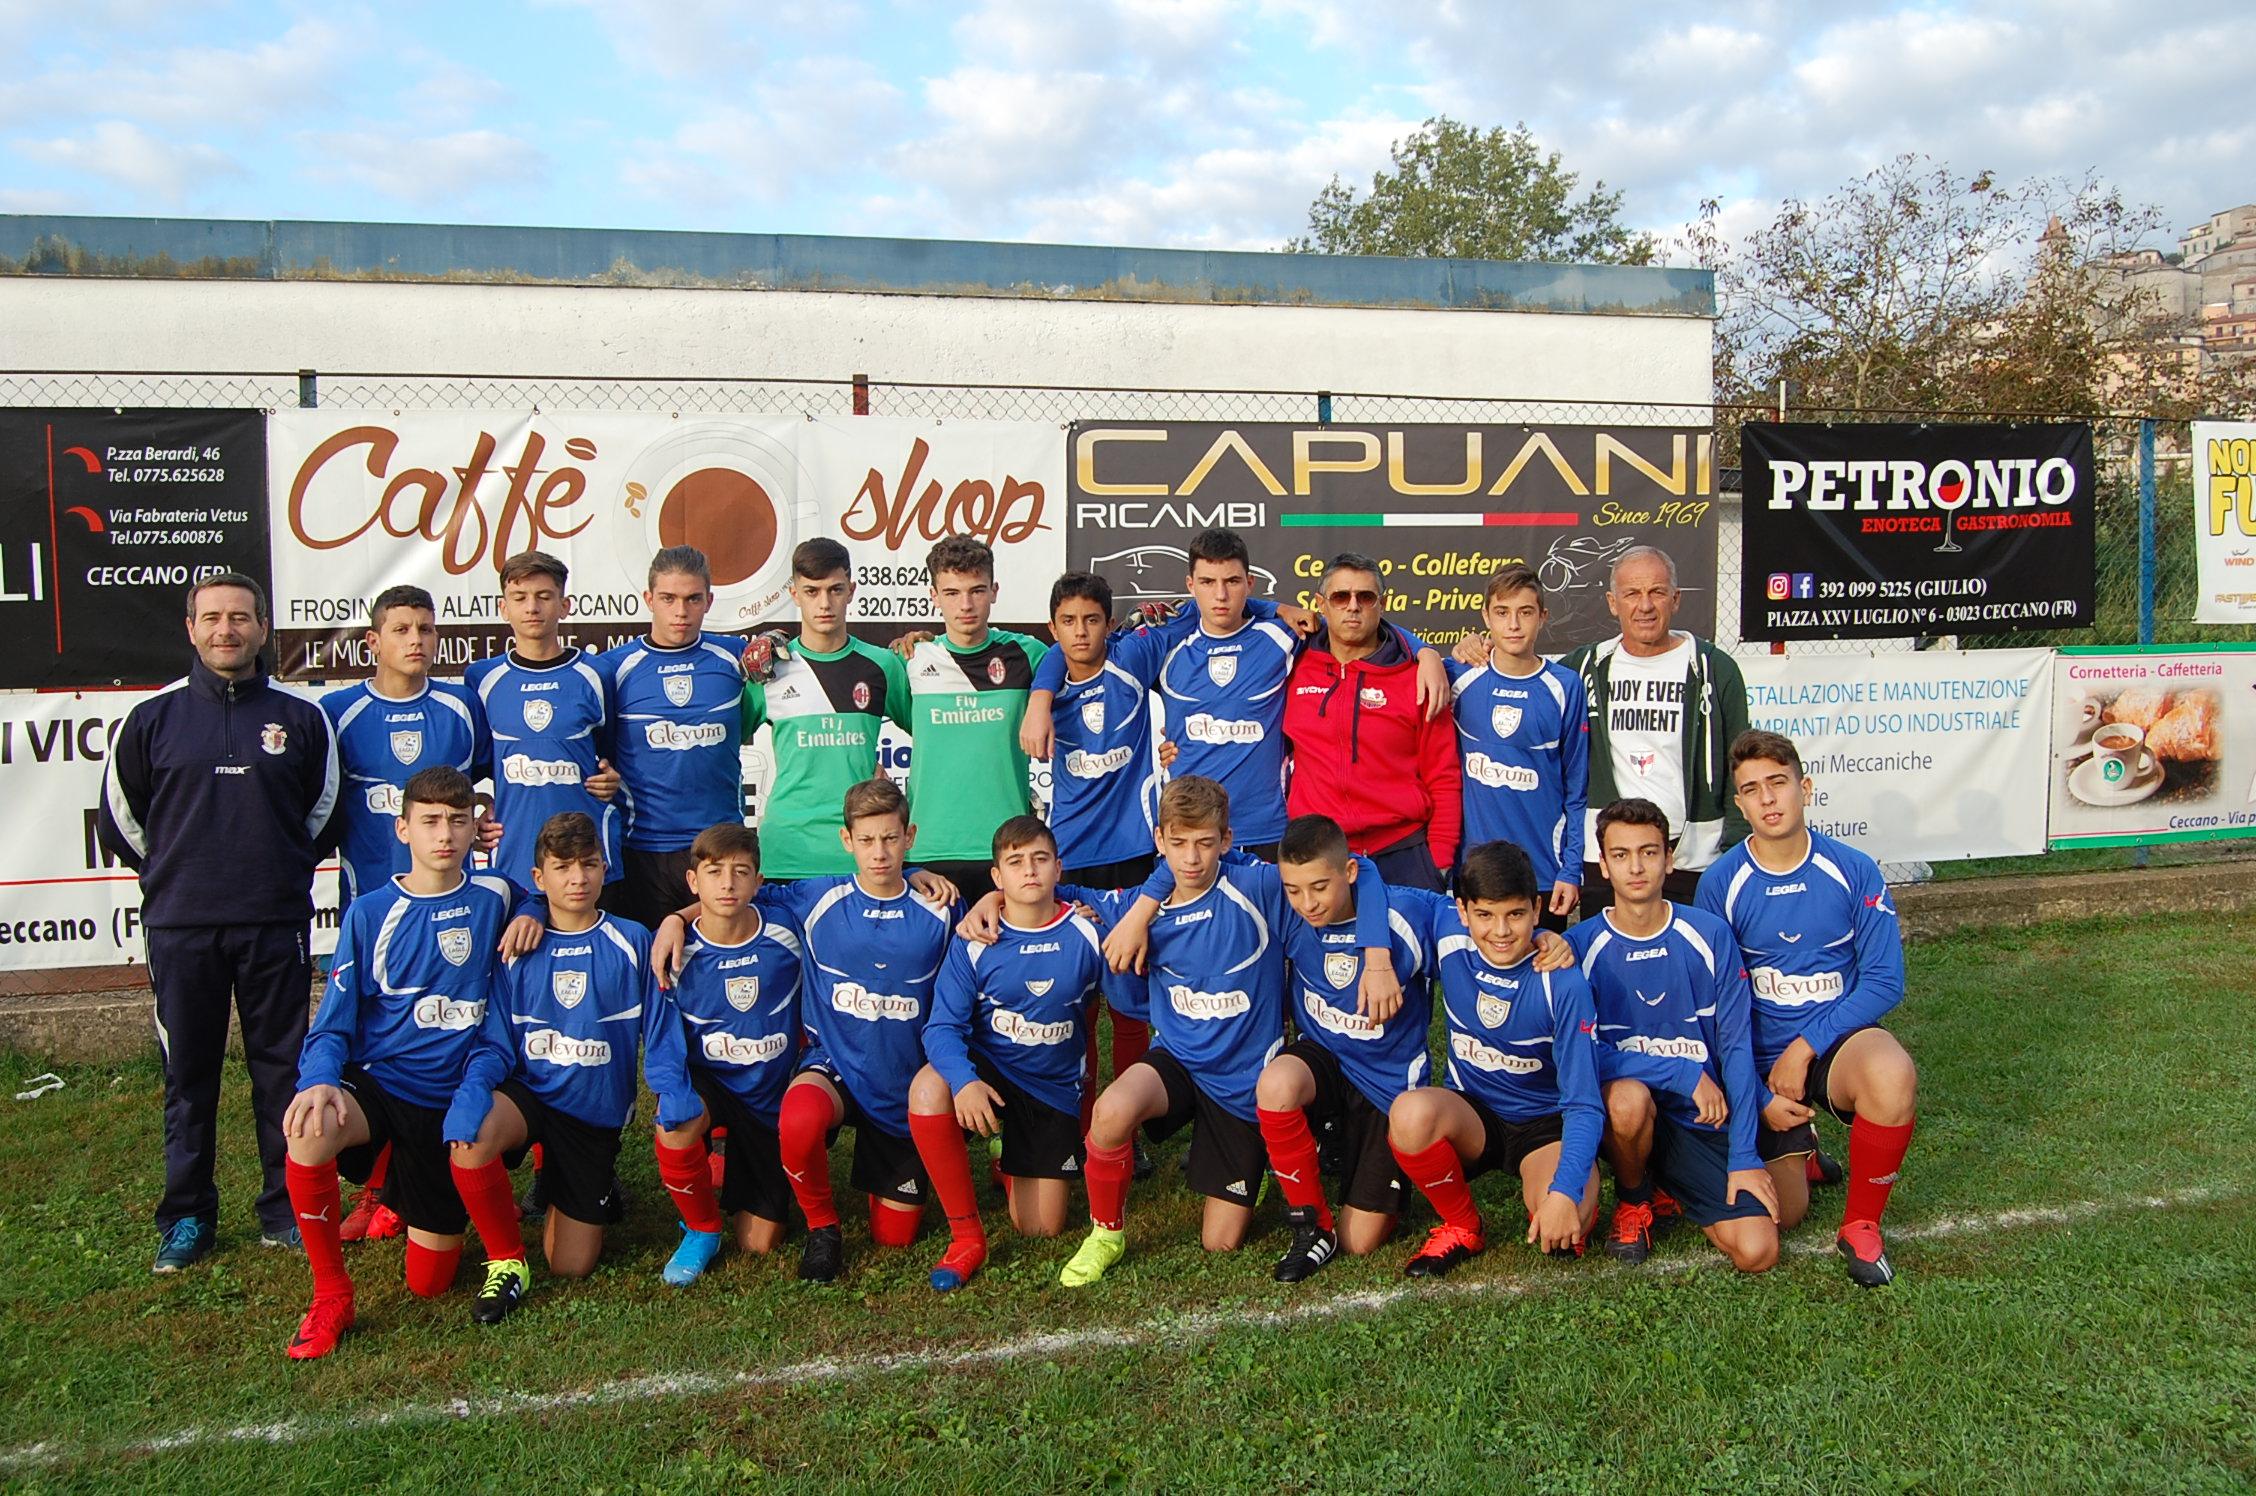 Ceccano Under 15 2019-20